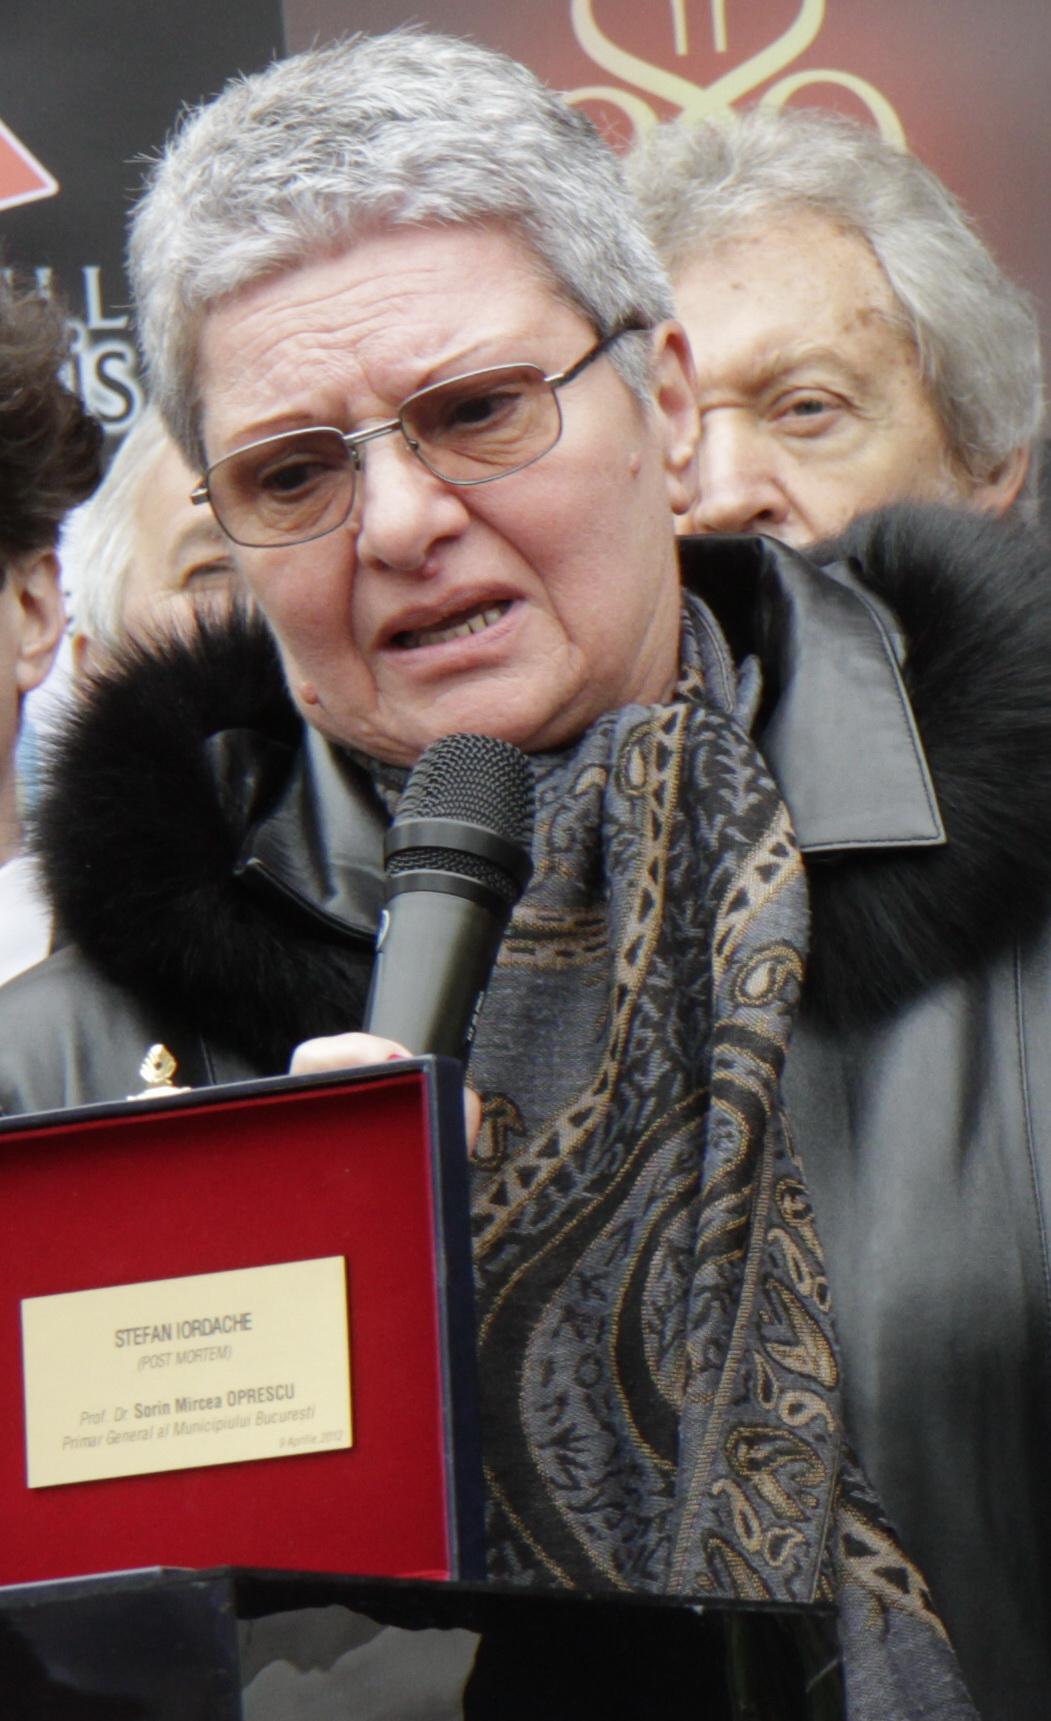 Sora actorului, Ileana, s-a luptat ca, dupa moartea maestrului, numele Stefan Iordache sa nu fie uitat